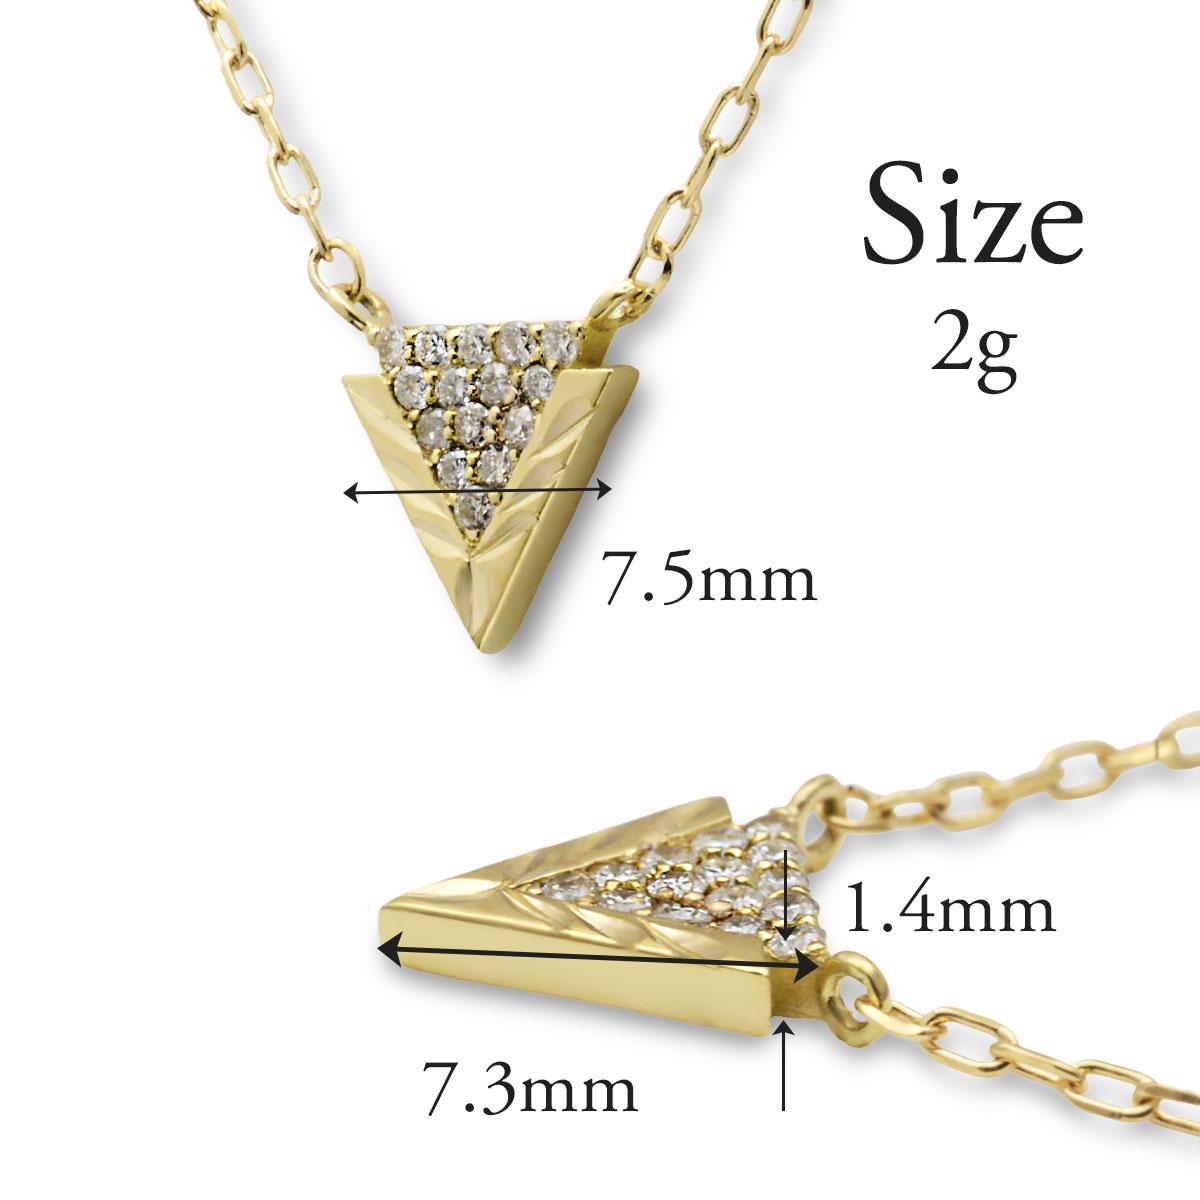 ハワイアンジュエリー ネックレス K10 ゴールド ダイヤモンド (Weliana)トライアングルウェーブ ダイヤ 0.07ctペンダントネックレス/新作